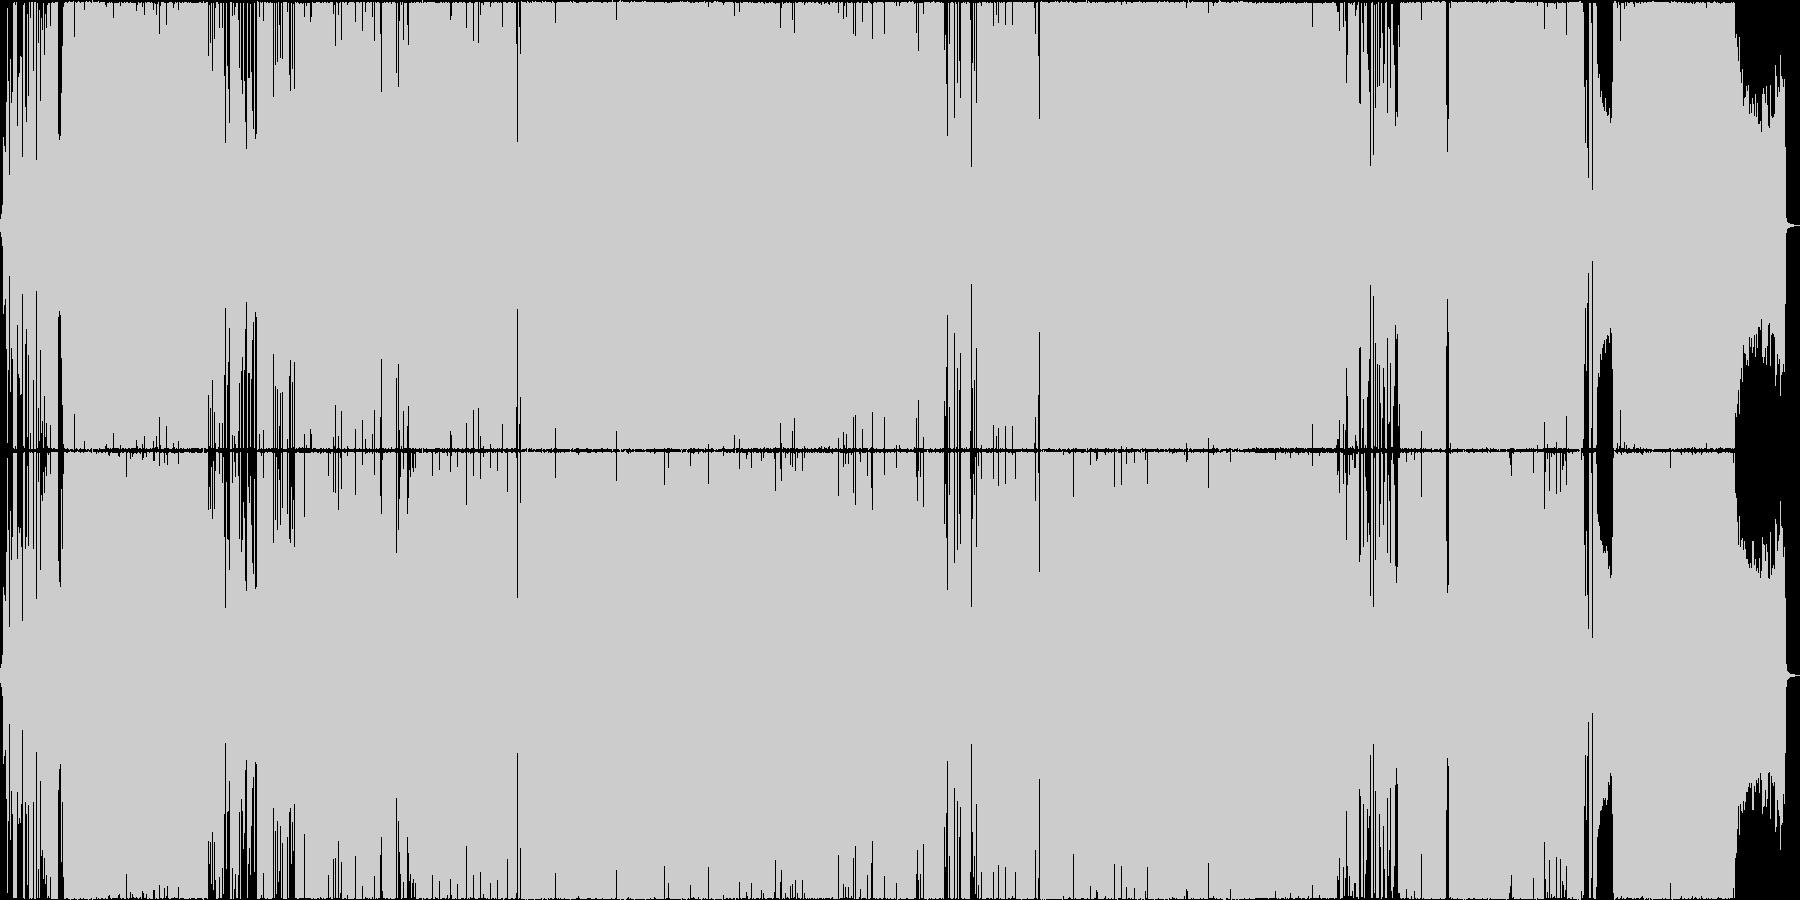 エモい男性ボーカル、疾走感、切ないの未再生の波形